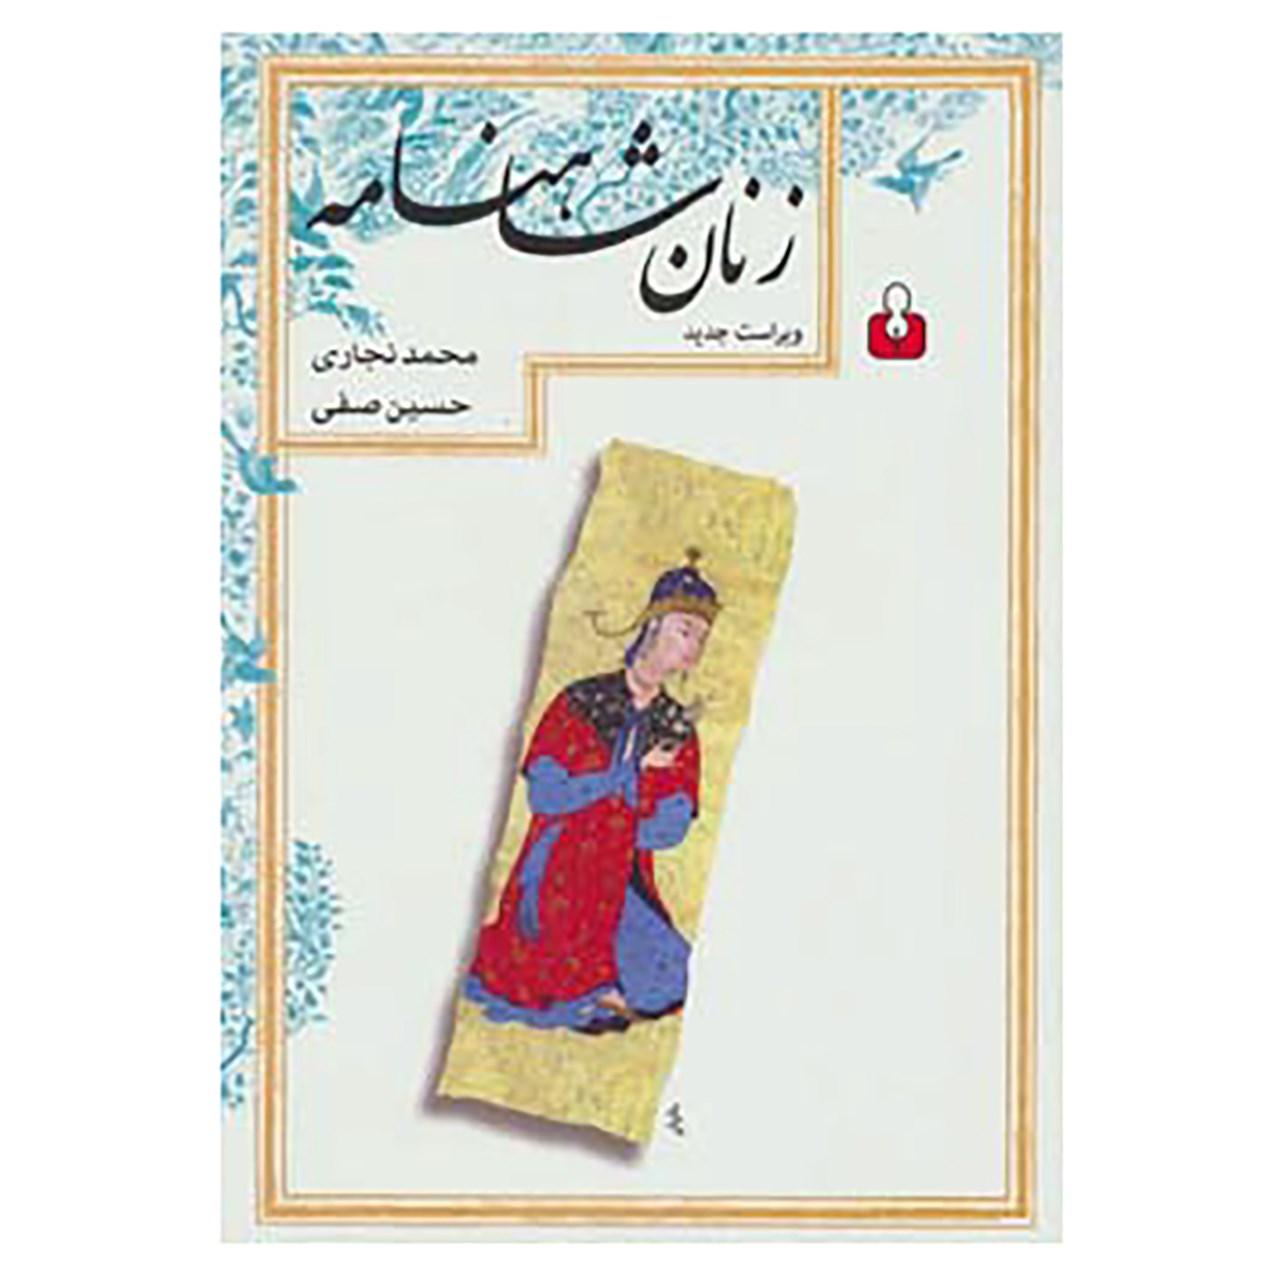 خرید                      کتاب زنان شاهنامه اثر محمد نجاری،حسین صفی